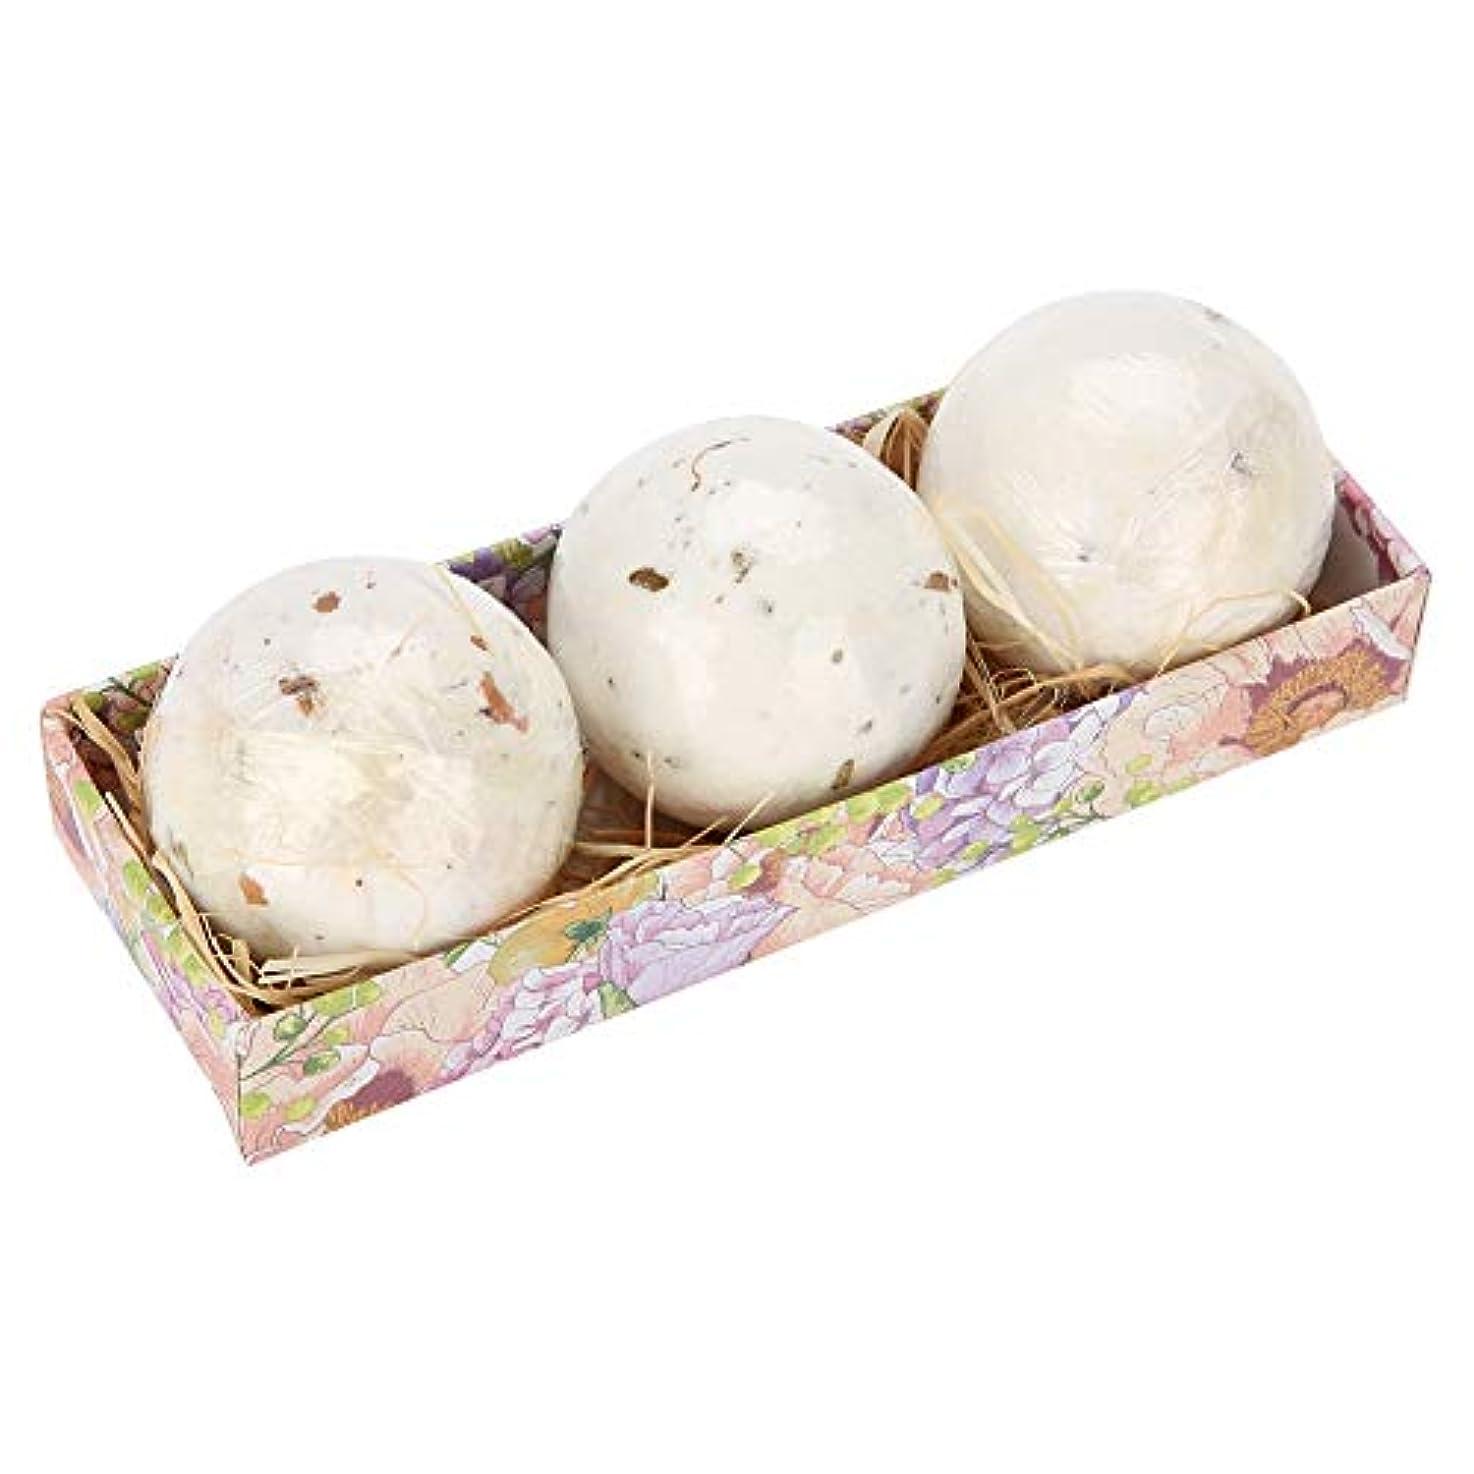 物理的なボスファームバスボム 4枚入り 爆弾バスボール 入浴剤 入浴料 セットお風呂用 海塩 潤い 肌に良い 痒み止め 贈り物 ギフト